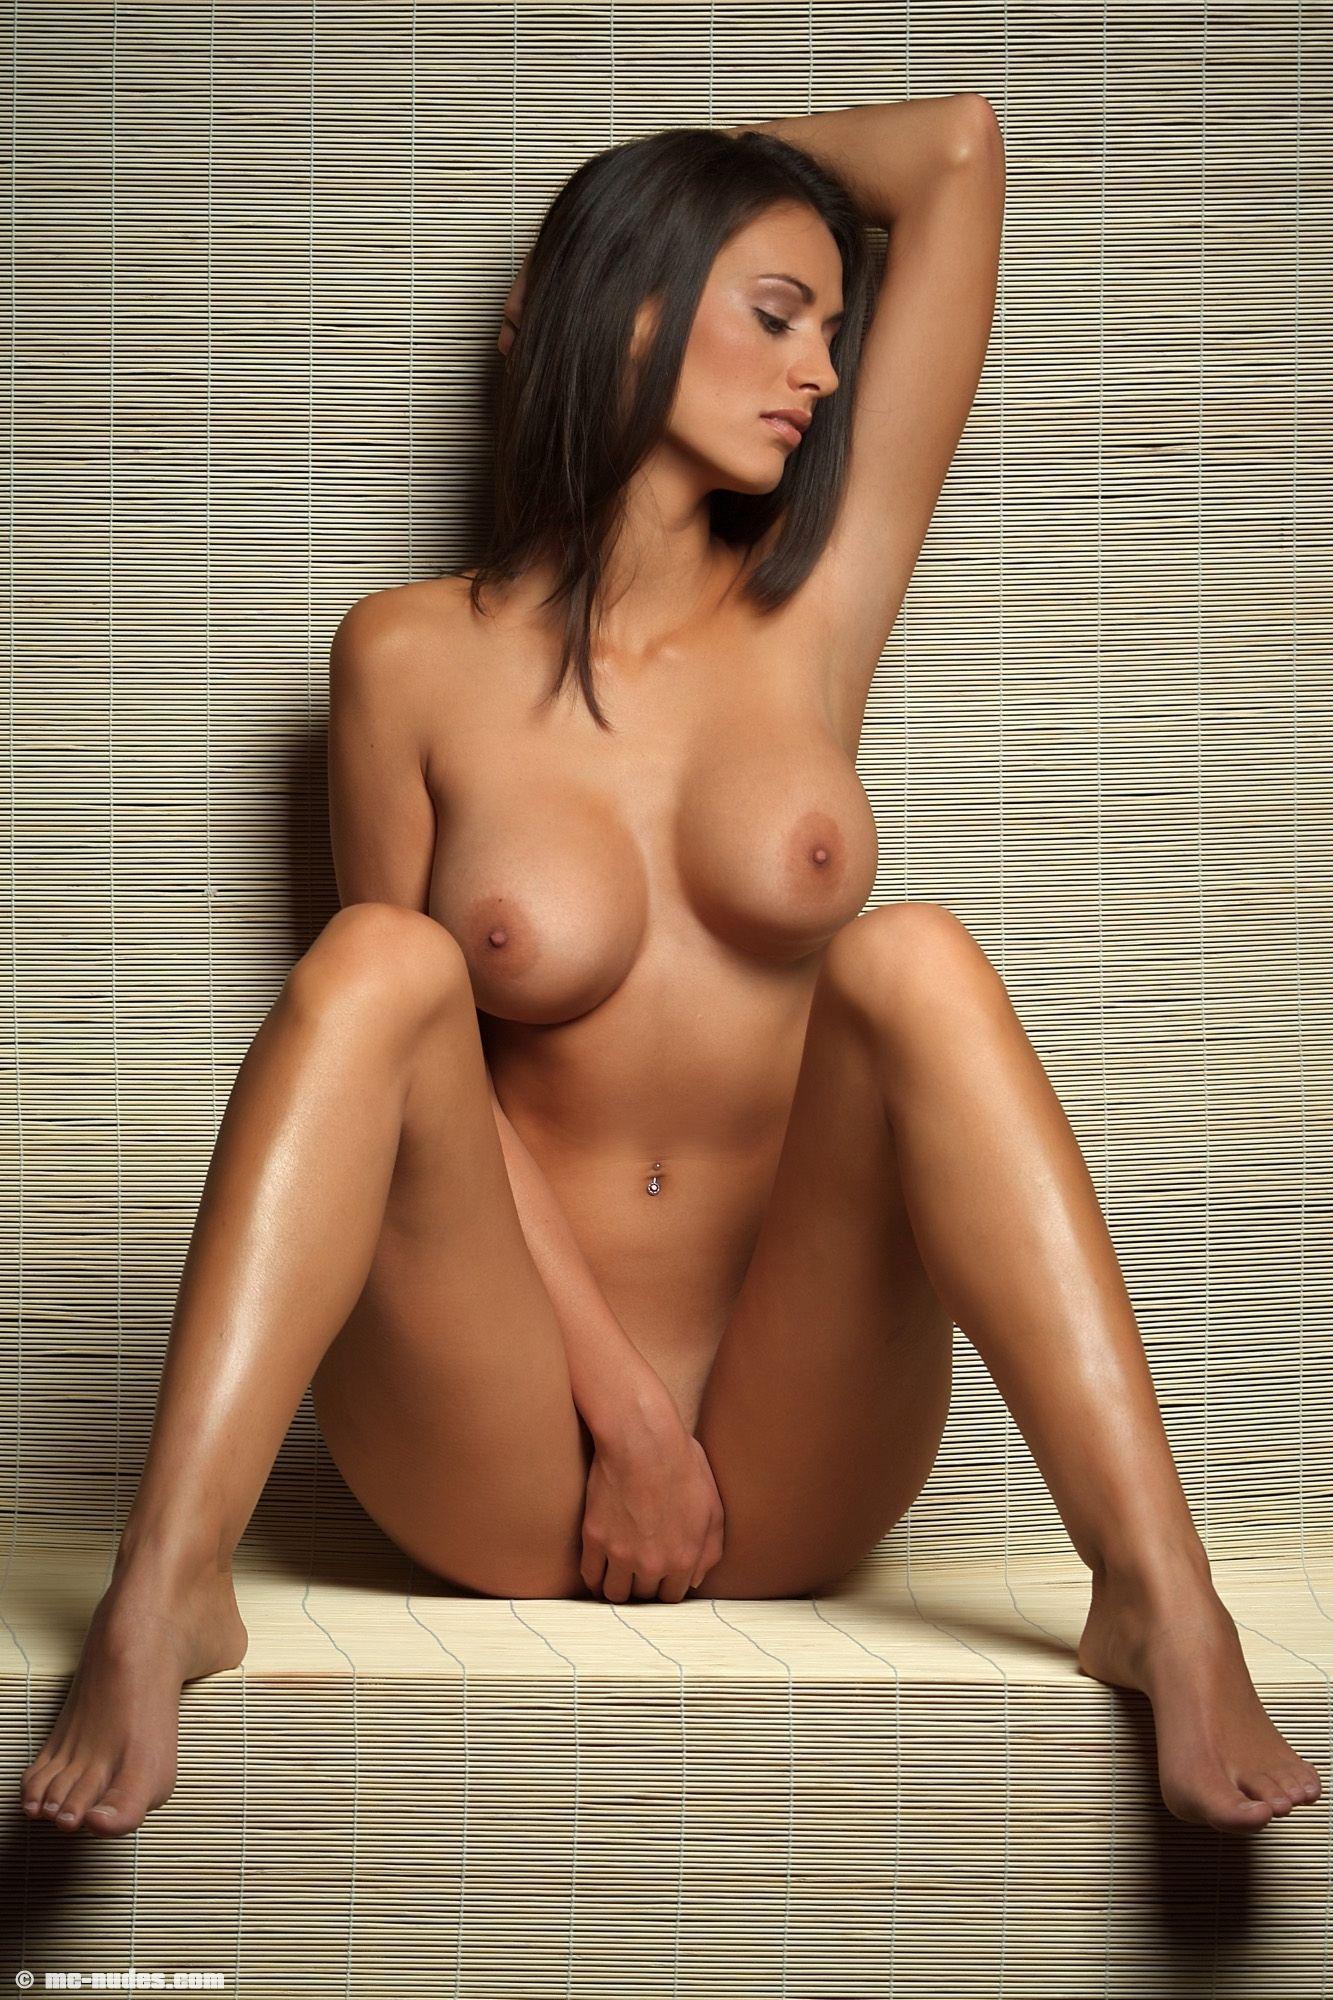 Фото голая самая красивая девушка 14 фотография